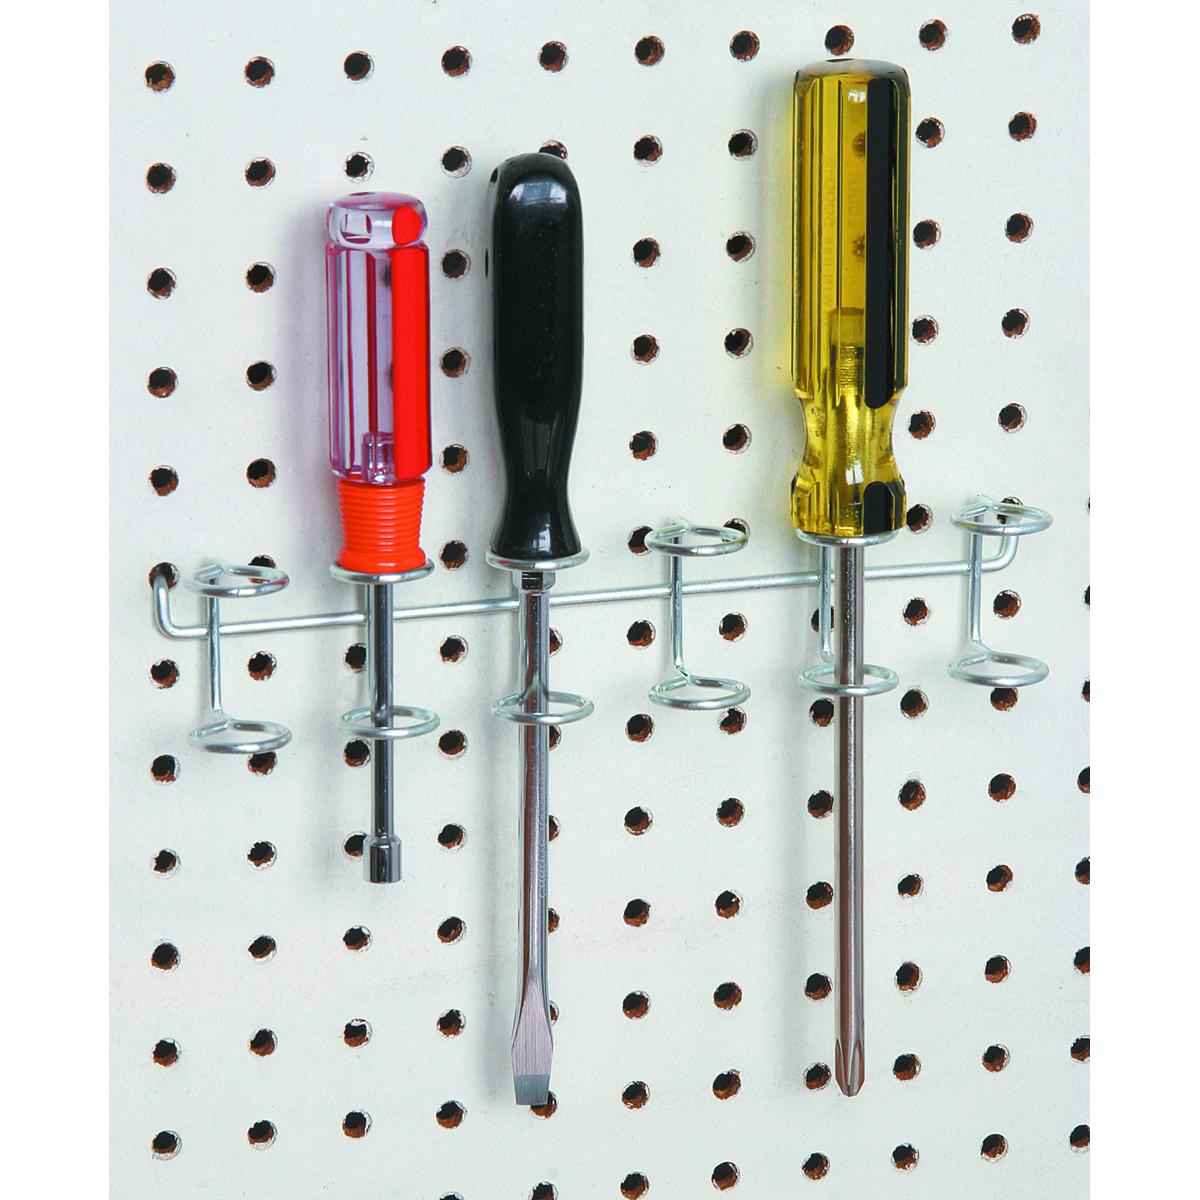 Pegboard Multiple Tool Holder